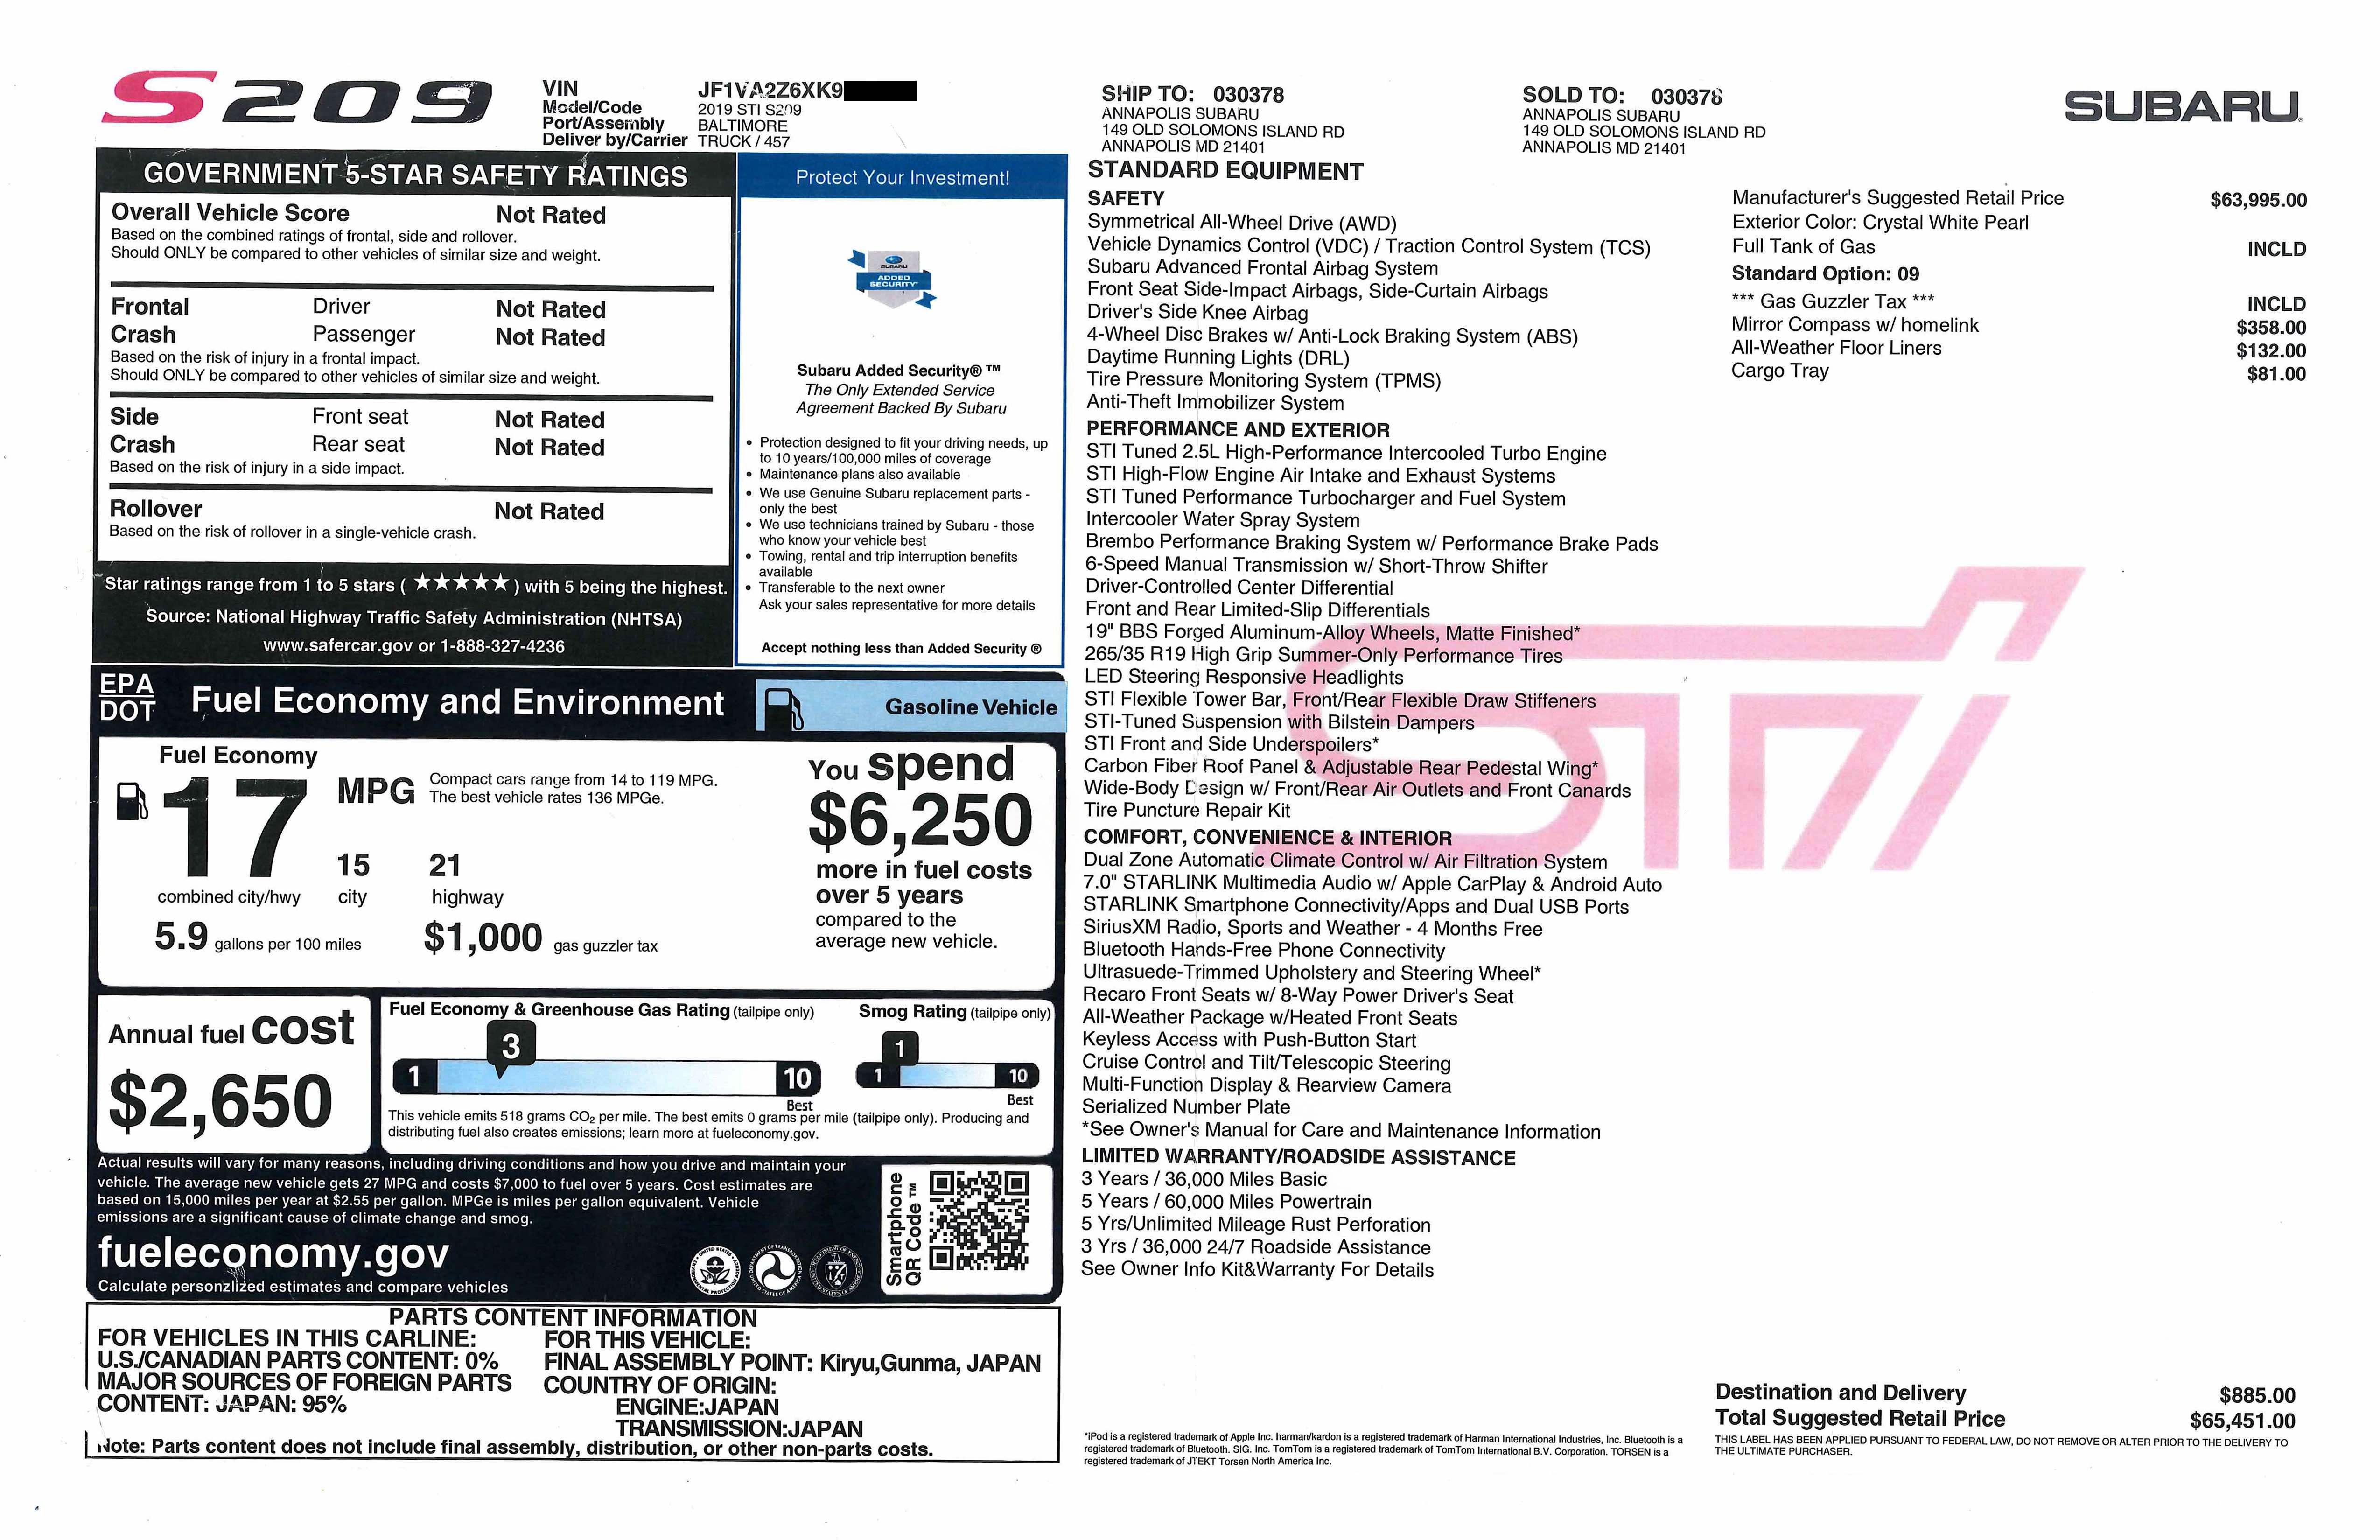 2019 Subaru STI S209 - 1 of 209 Made